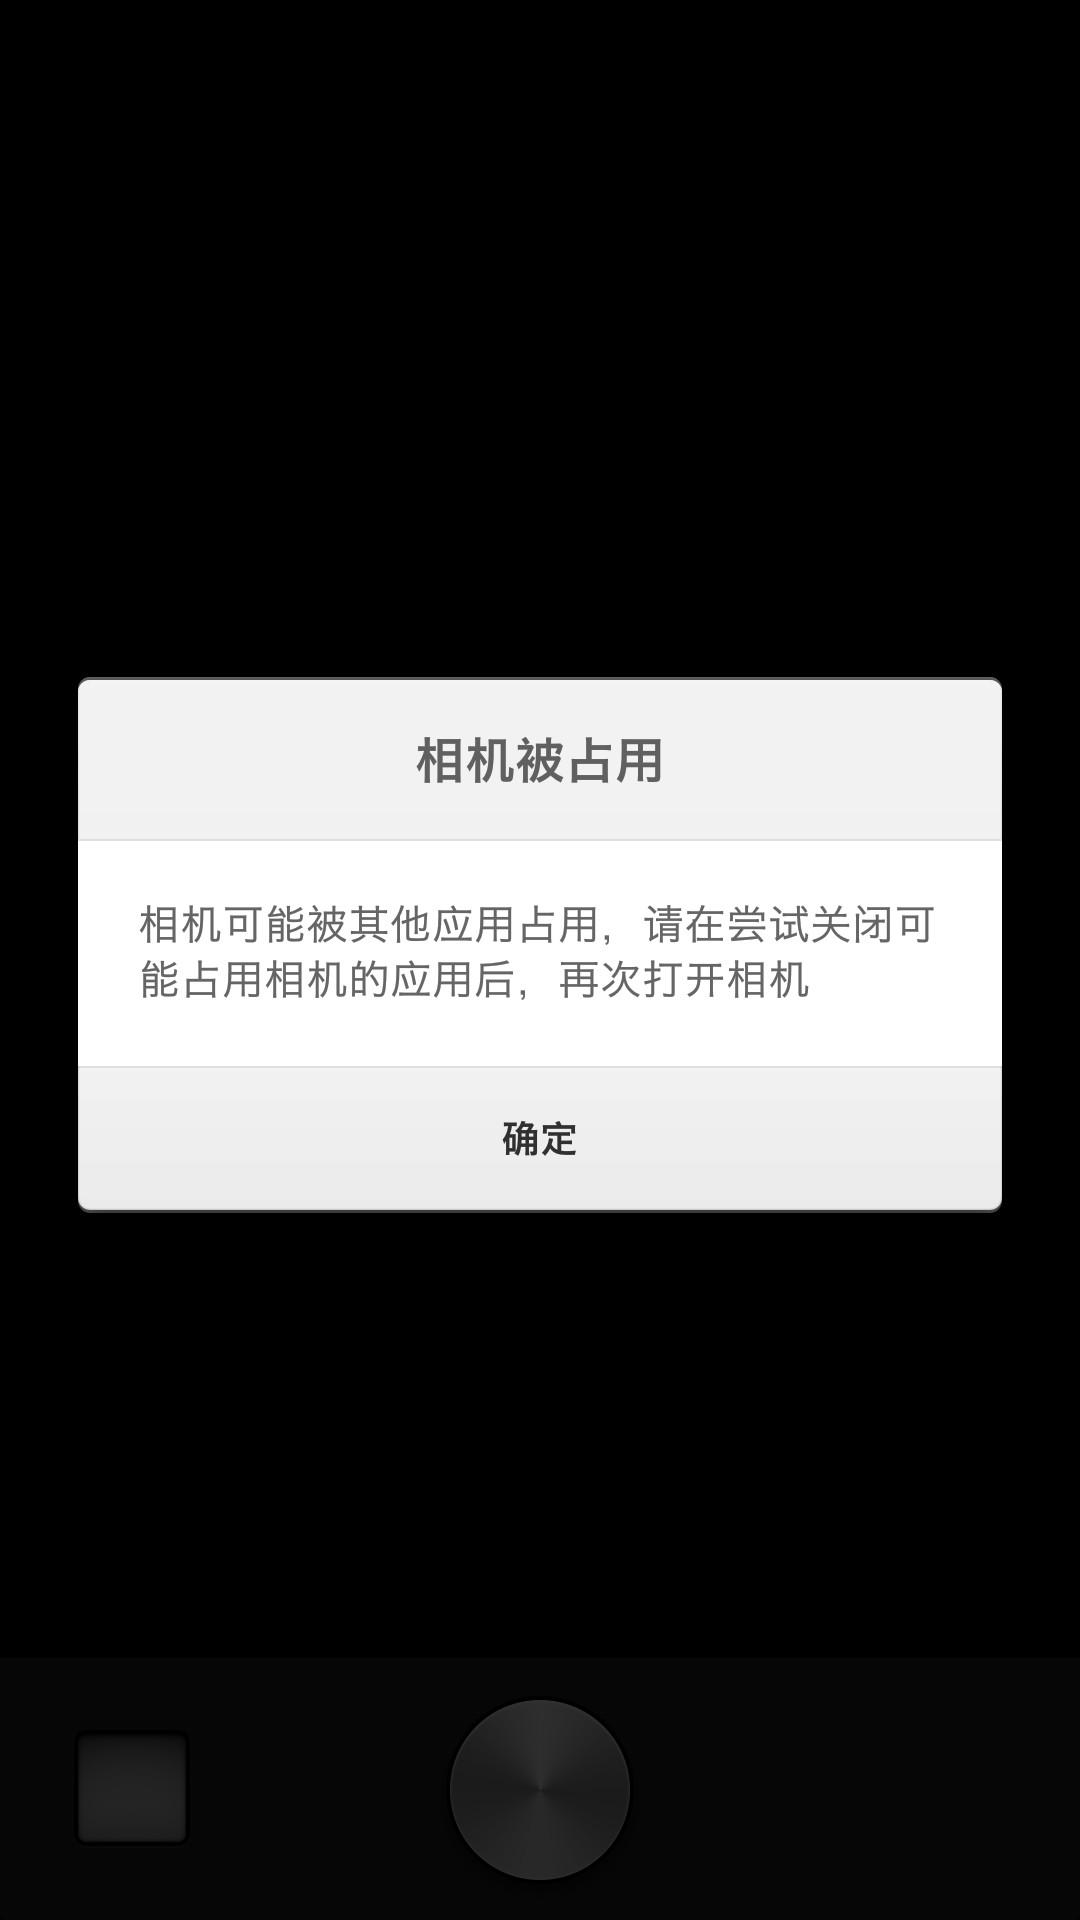 不开��b�9�*�(j9��_相机打不开